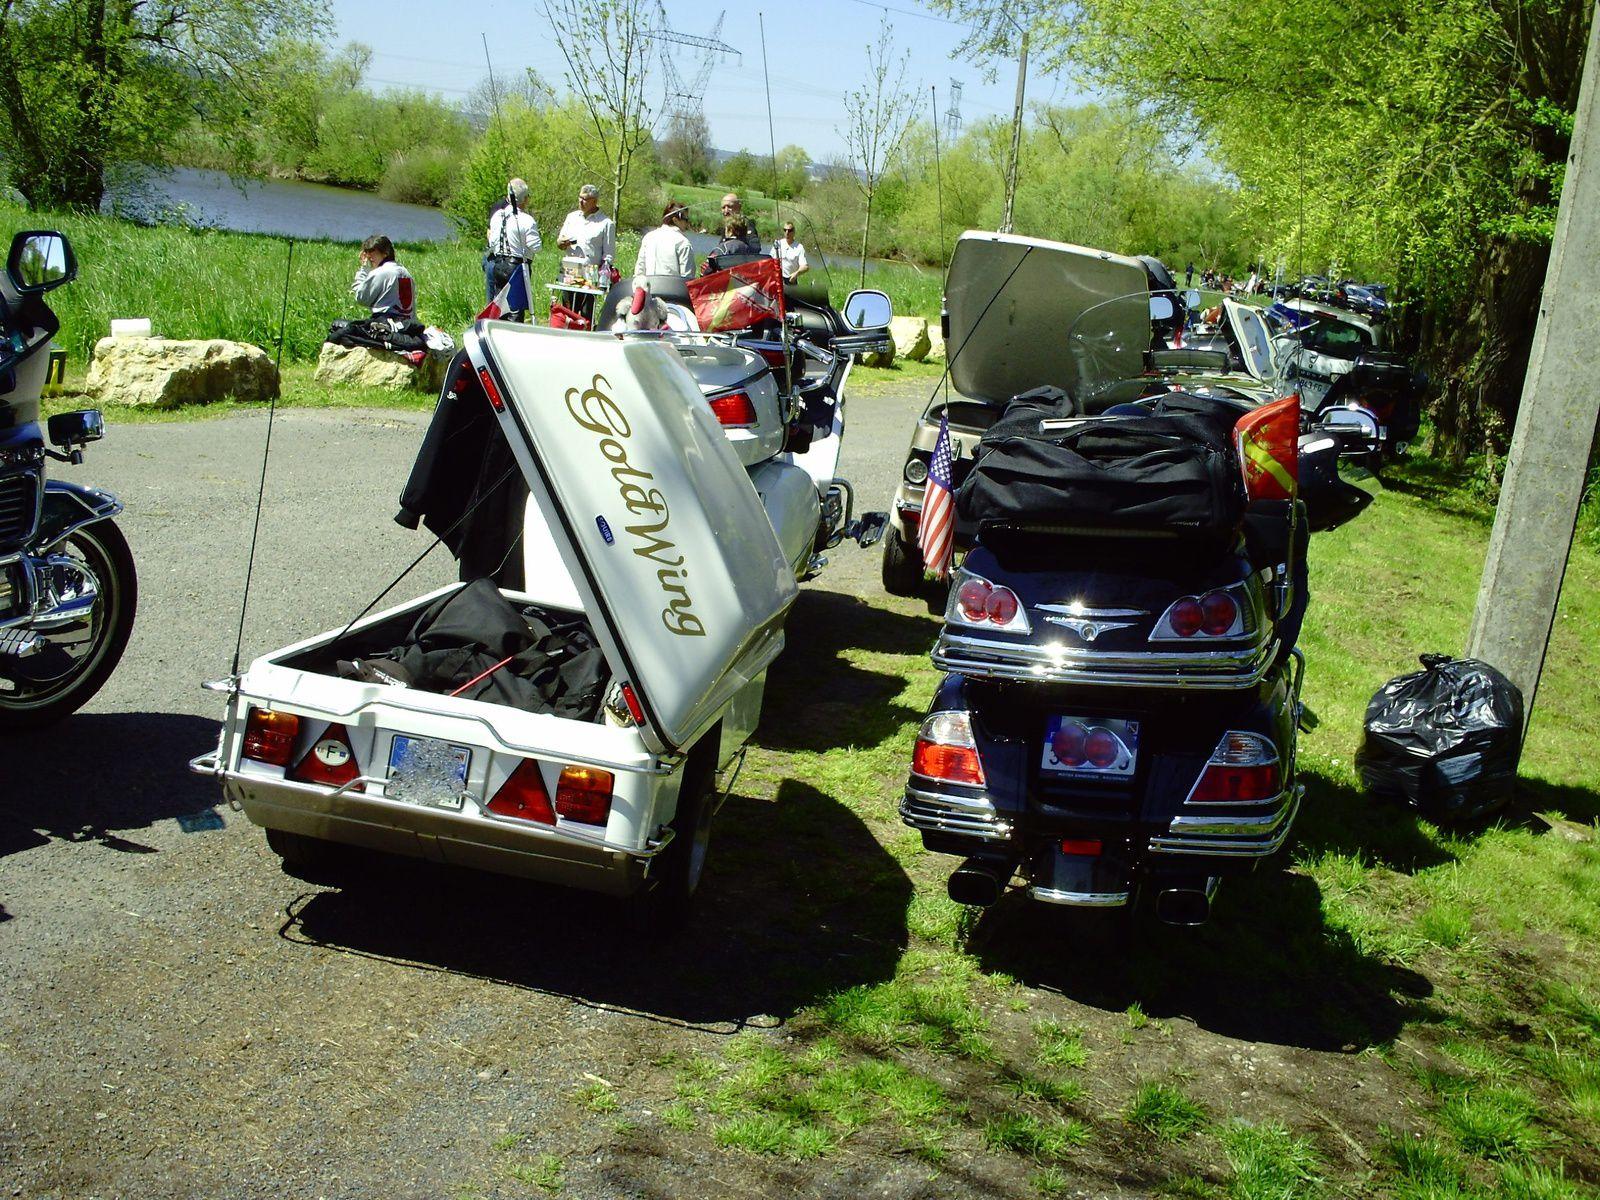 Goldwing - Week-end de 4 jours en Champagne en moto 1/4